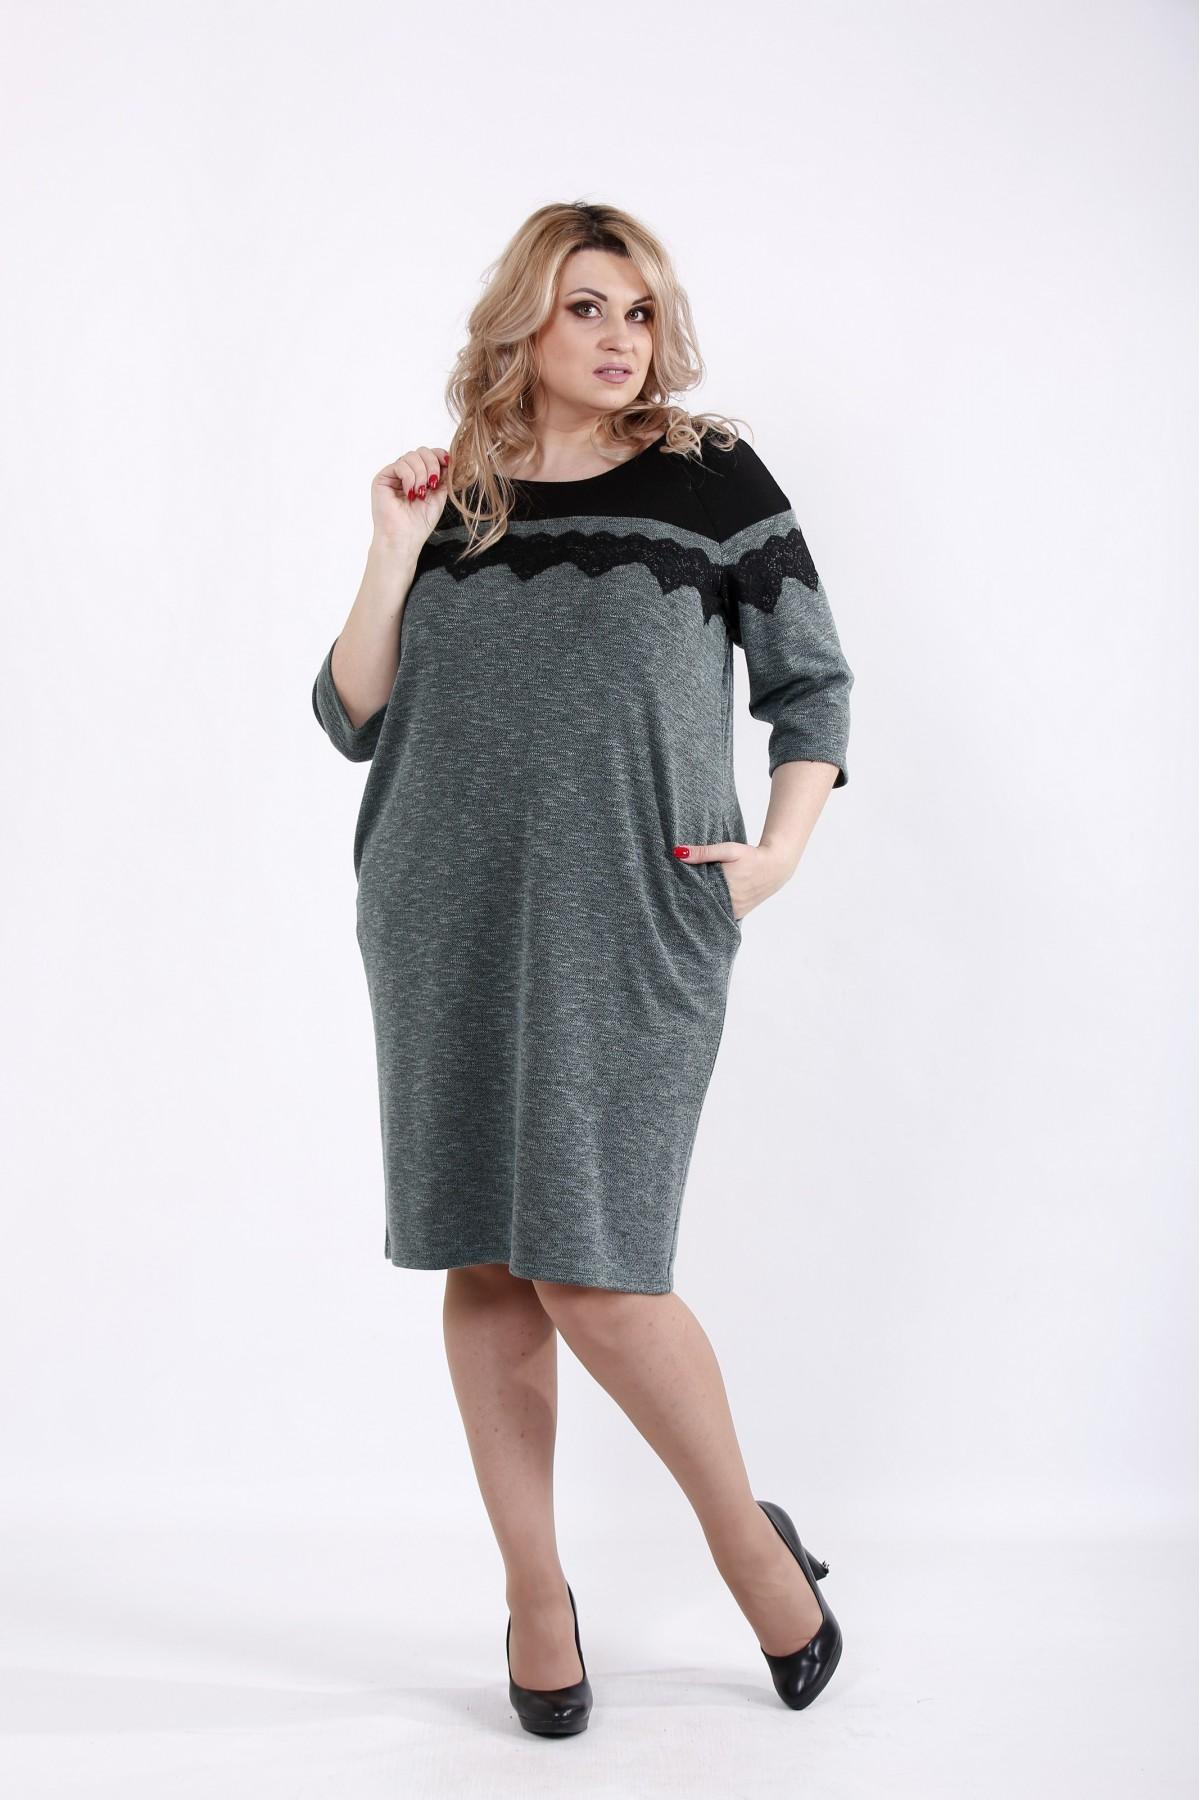 380cc74c9a06a9 Купити Зелене практичне плаття | 01047-2 ♥ Гаррі Шоп